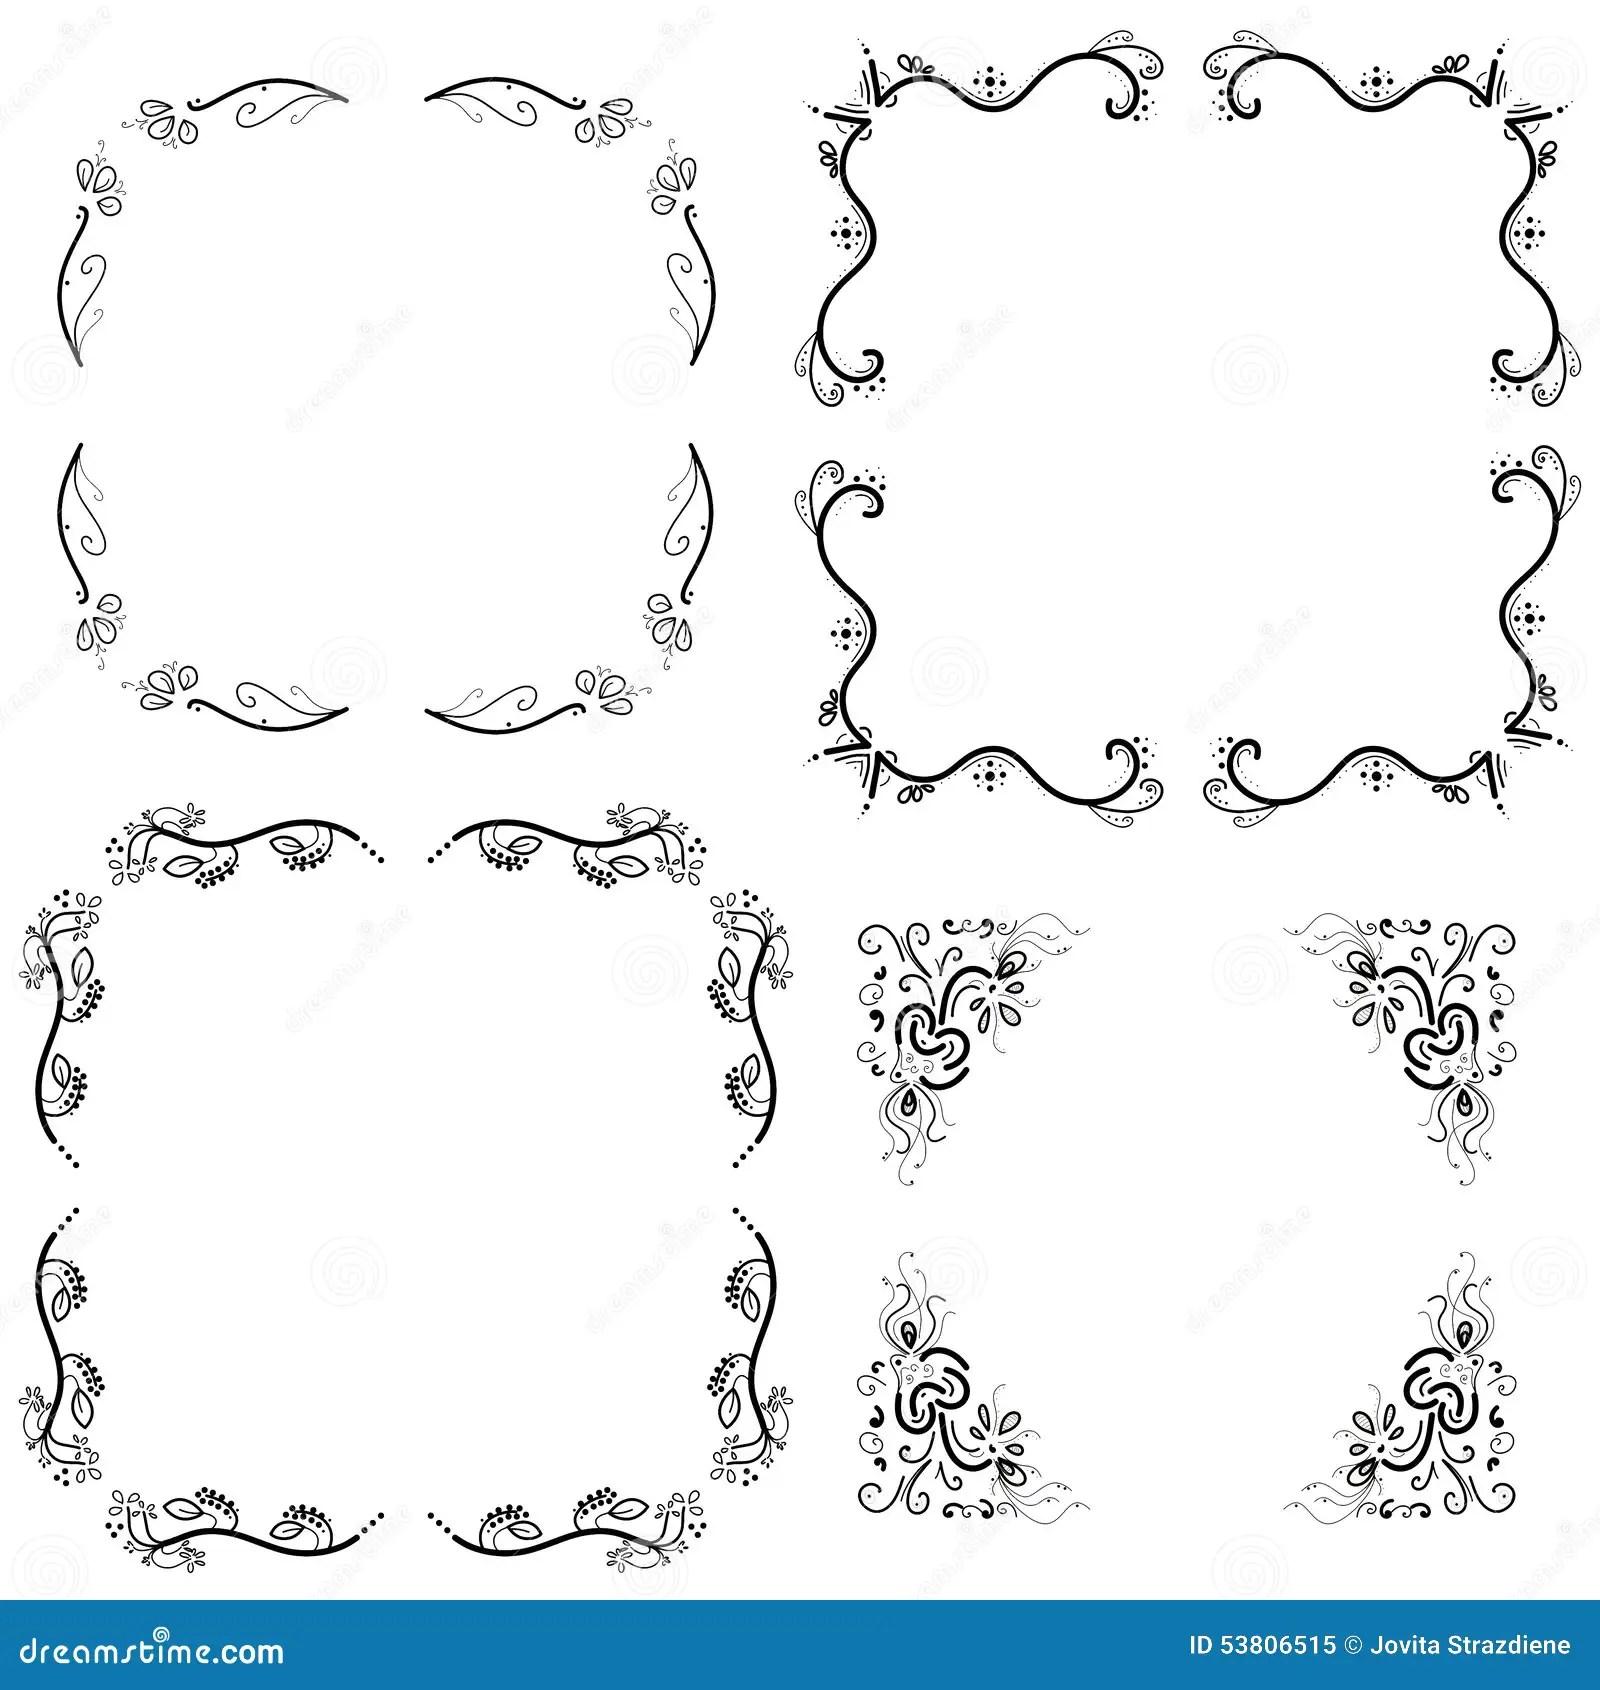 Frames Borders Stock Illustration